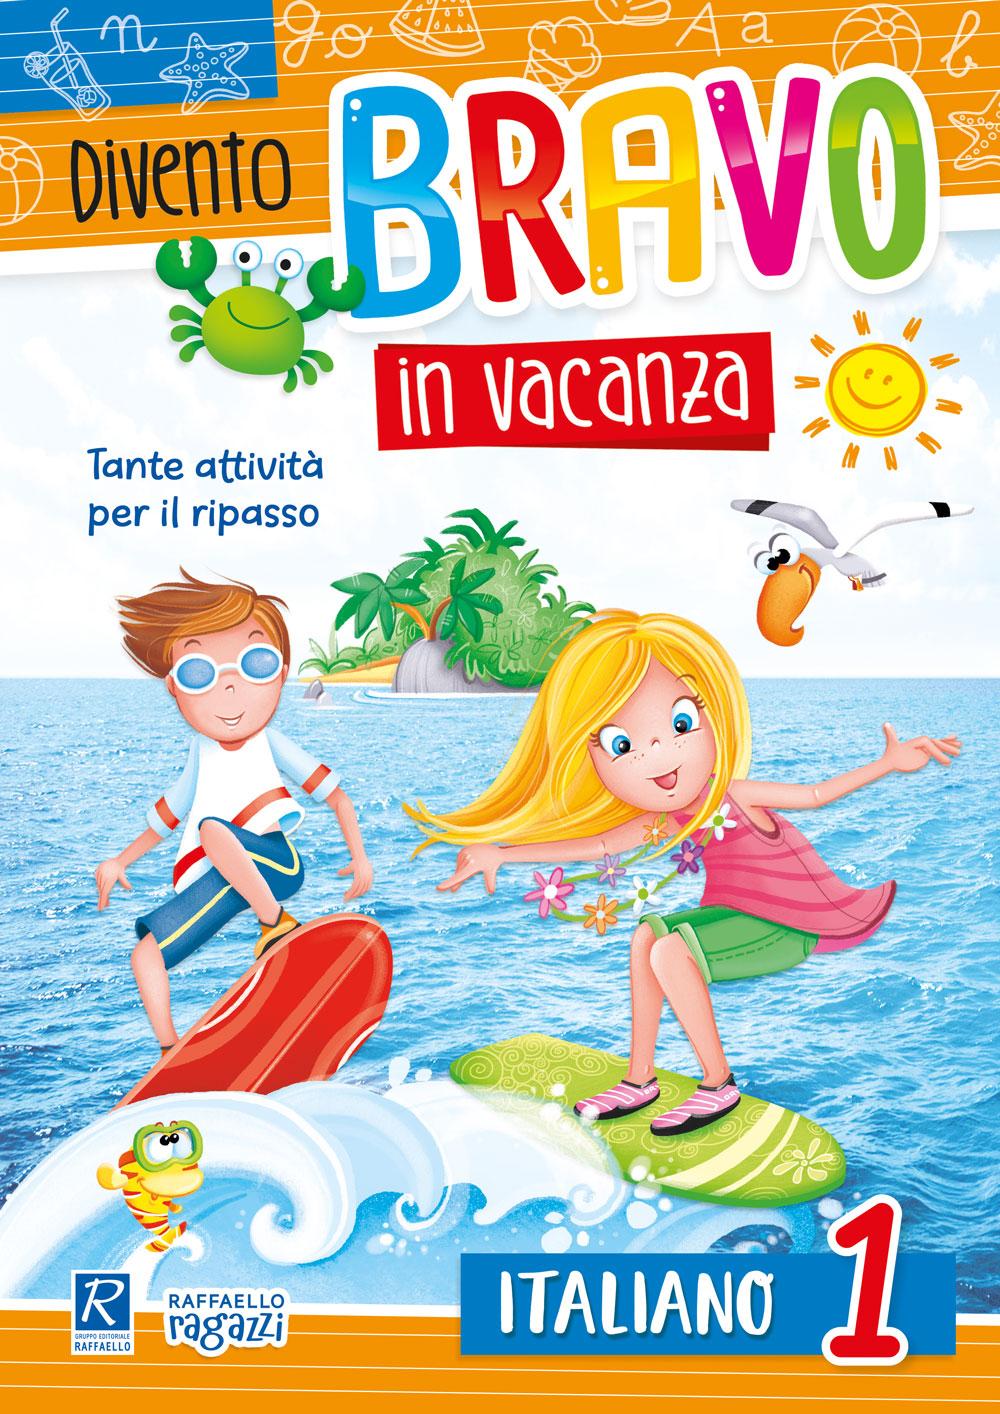 Divento bravo in vacanza - Italiano